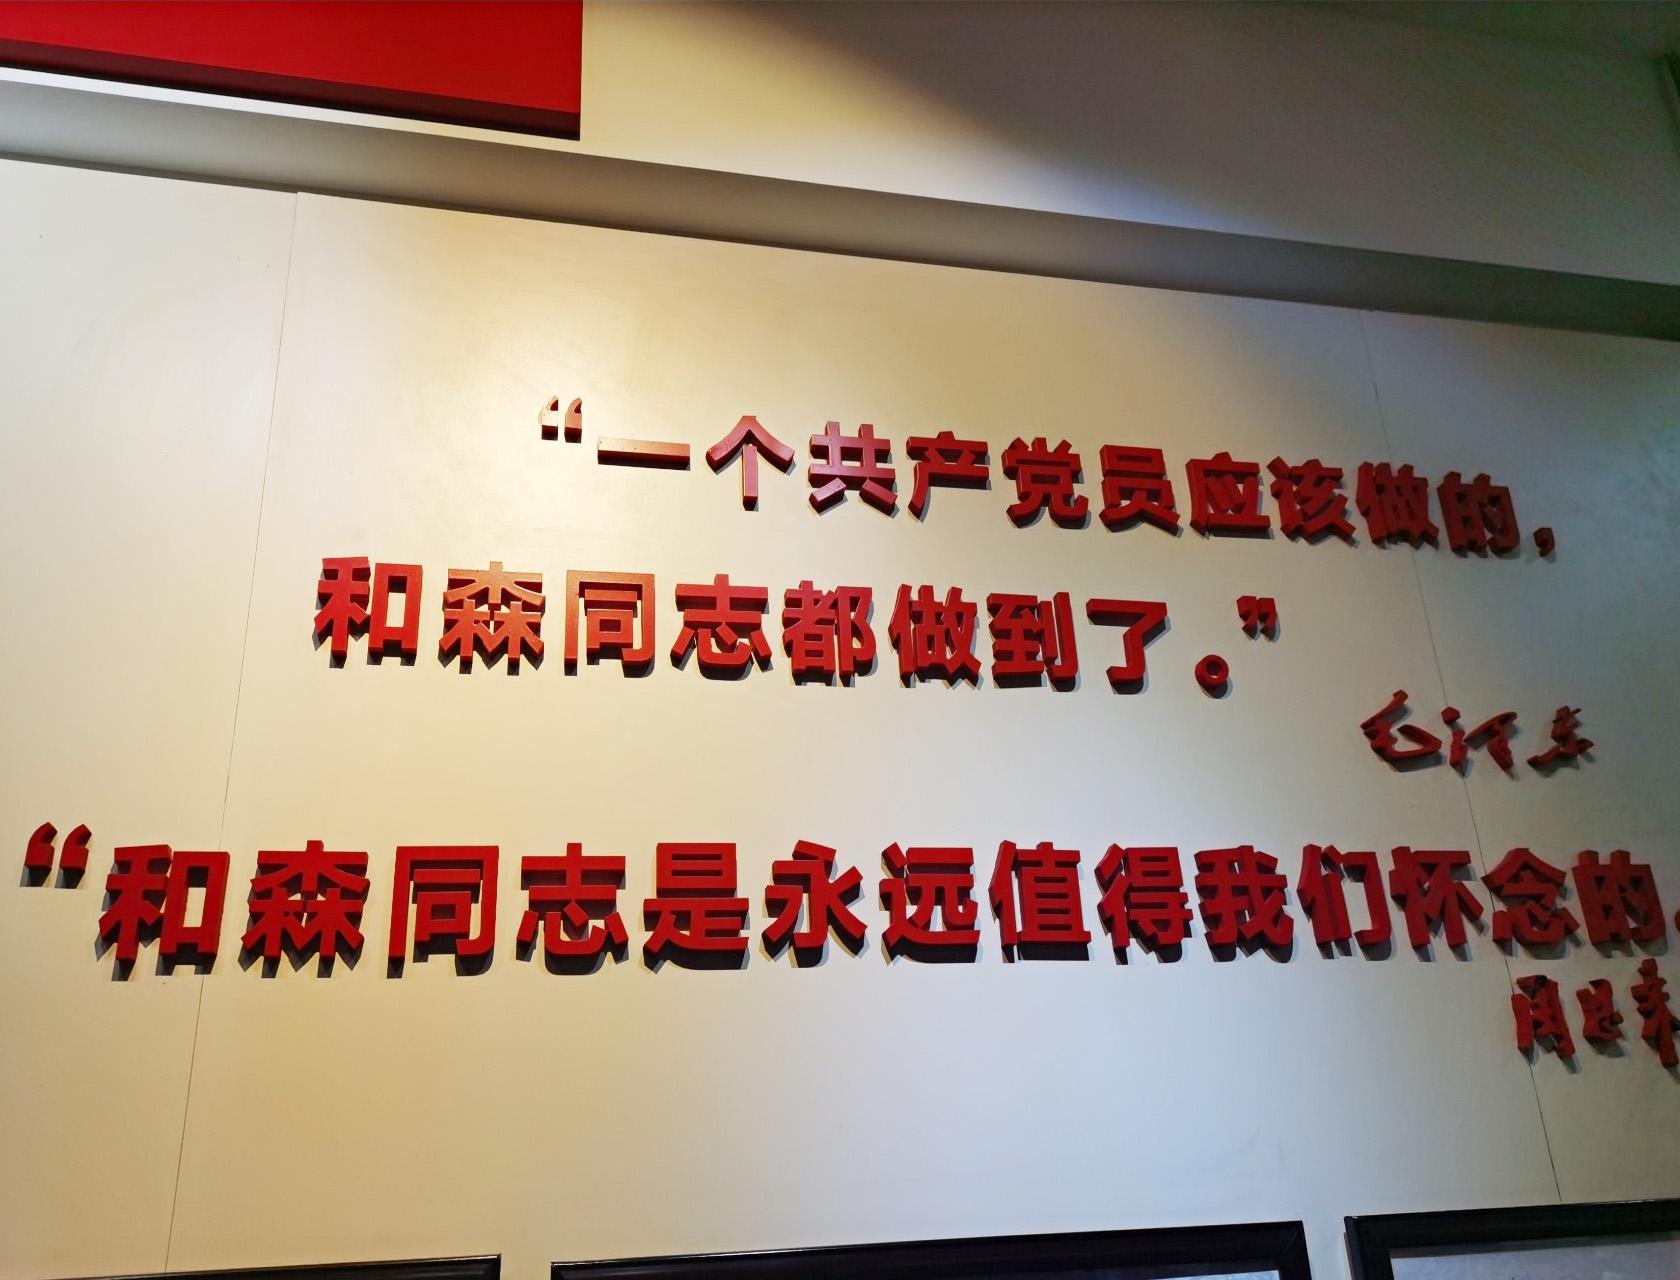 蔡和森纪念馆毛泽东、周恩来评语